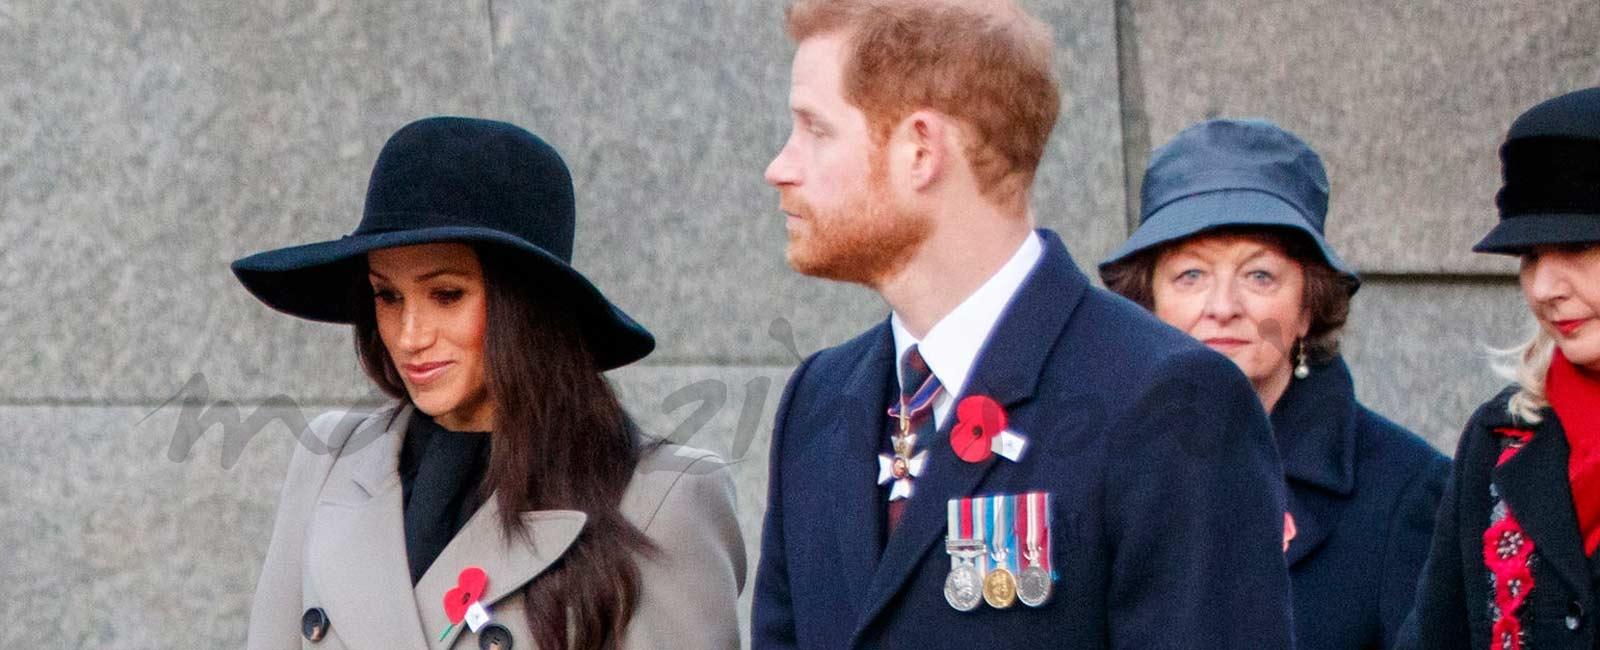 ¿Qué música sonará en la boda del príncipe Harry y Meghan Markle?